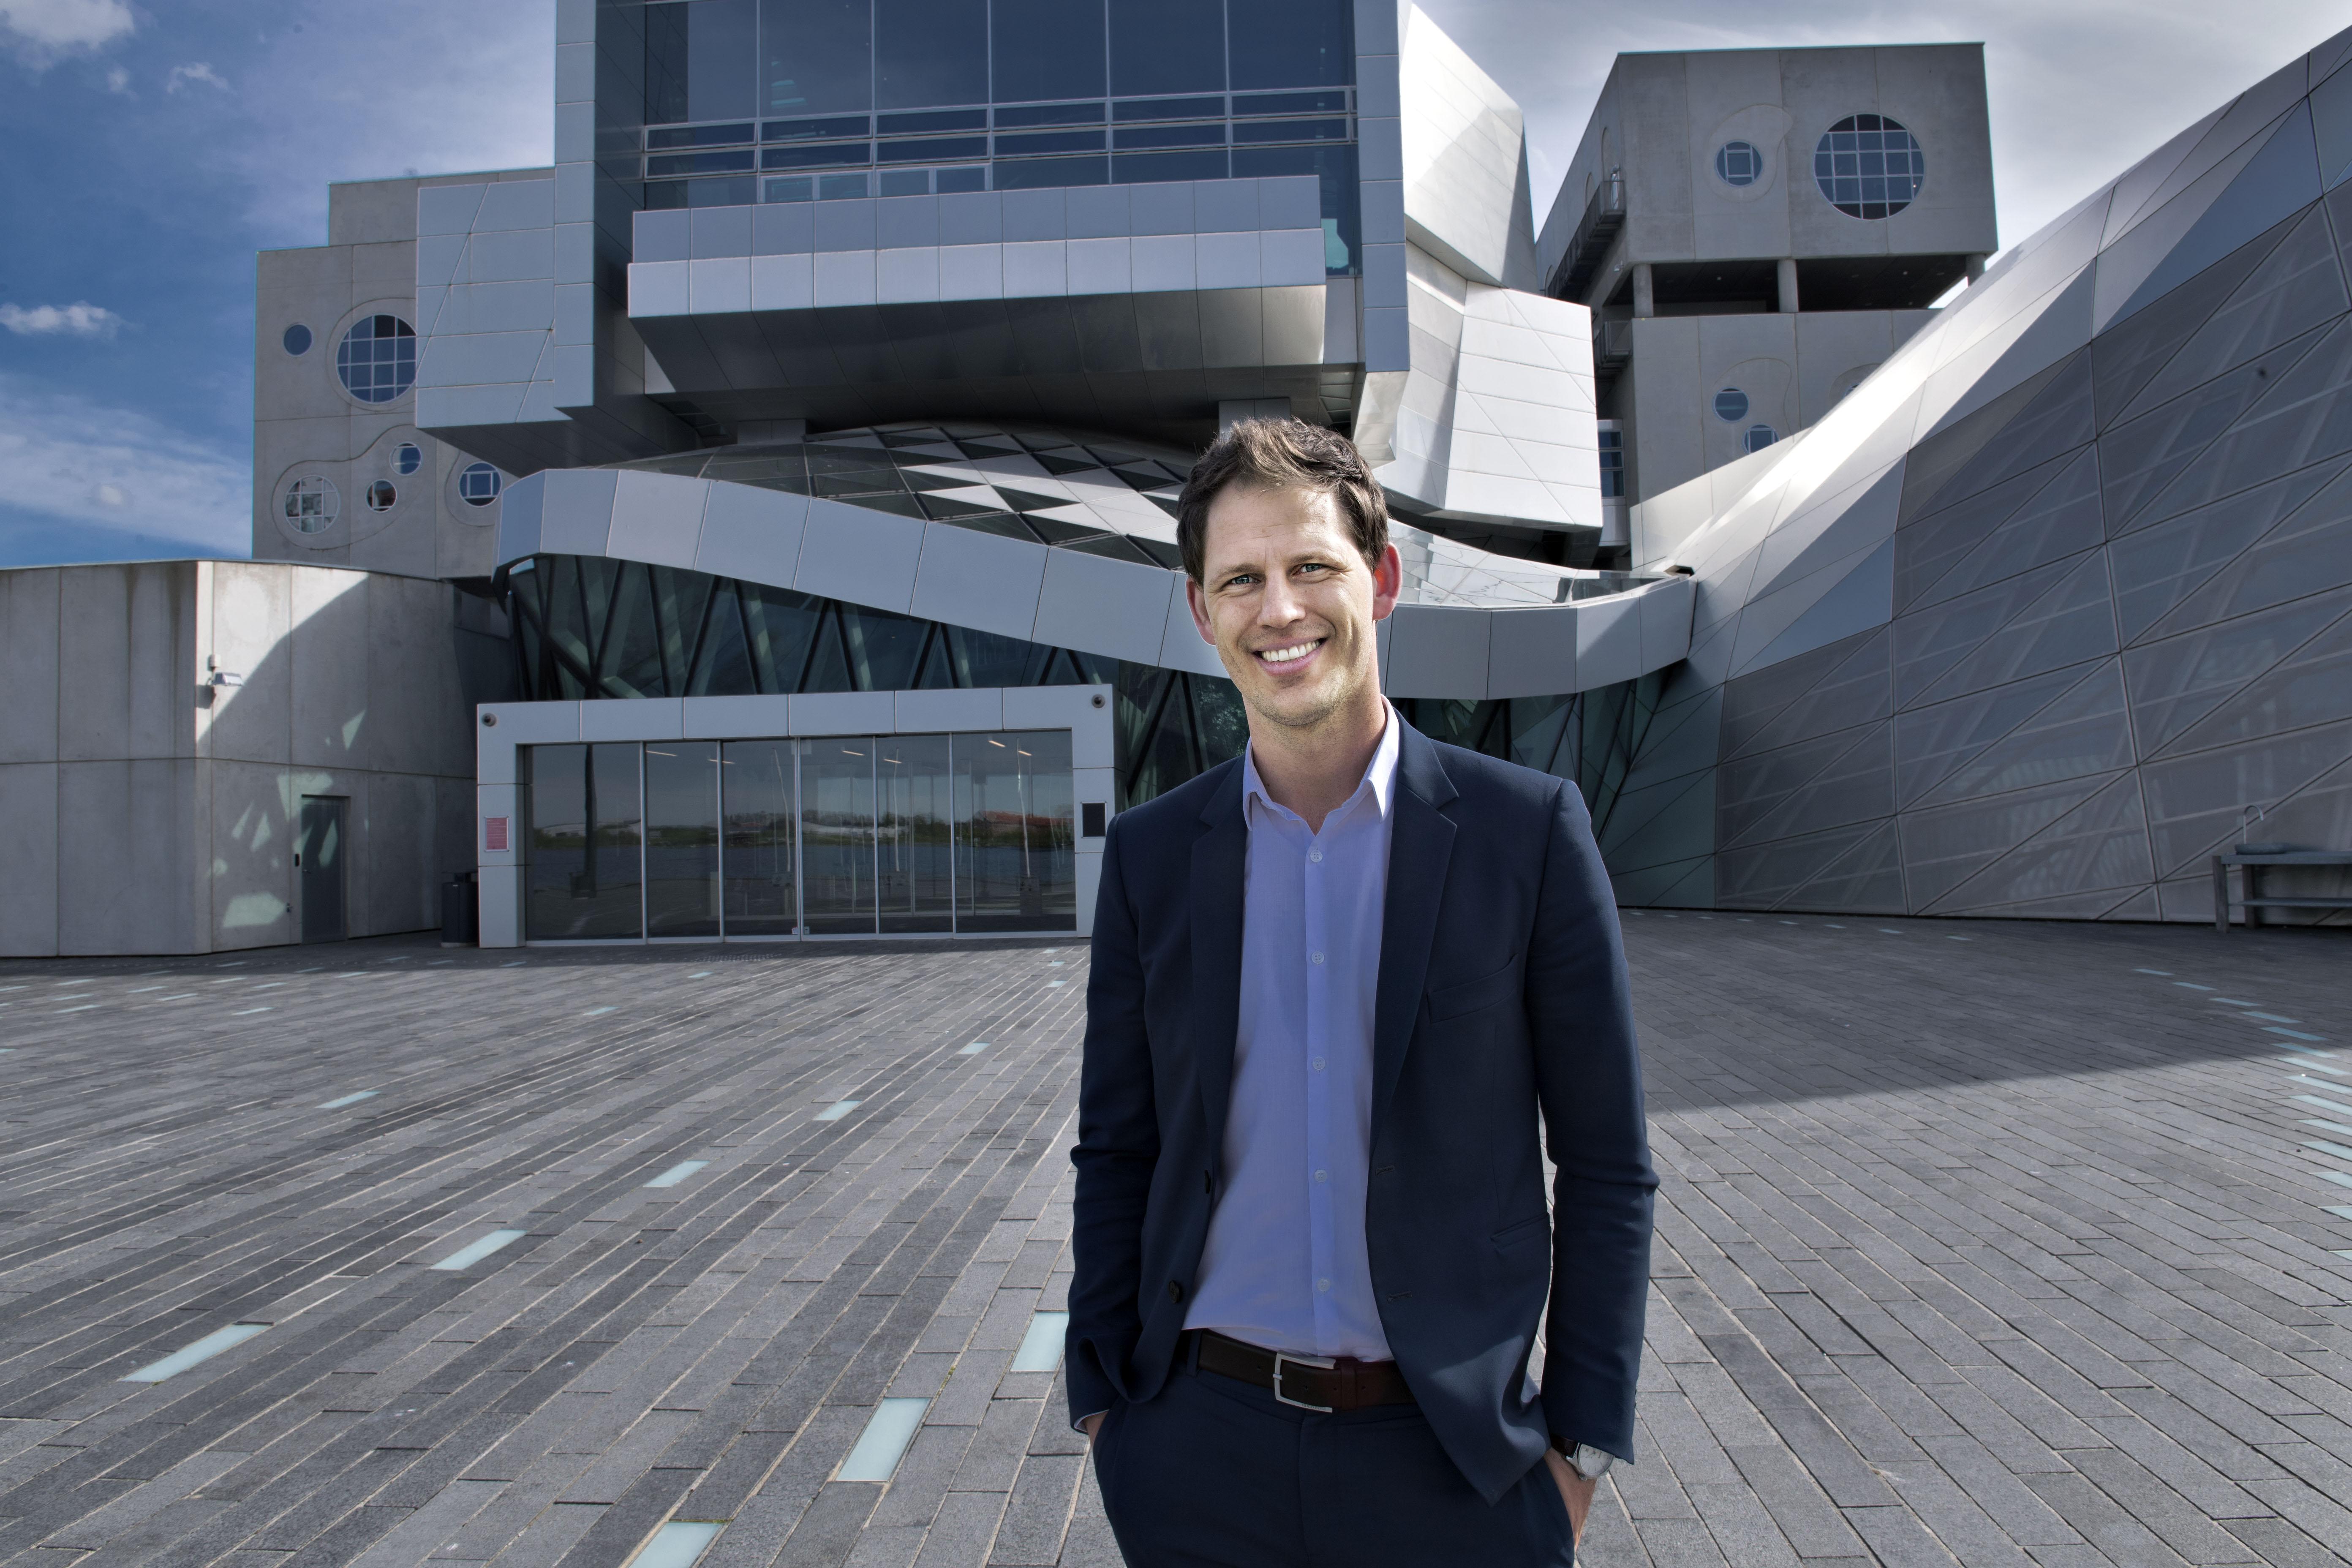 Frygter nedlukning: Aalborg Kommune søsætter øjeblikkeligt nye initiativer